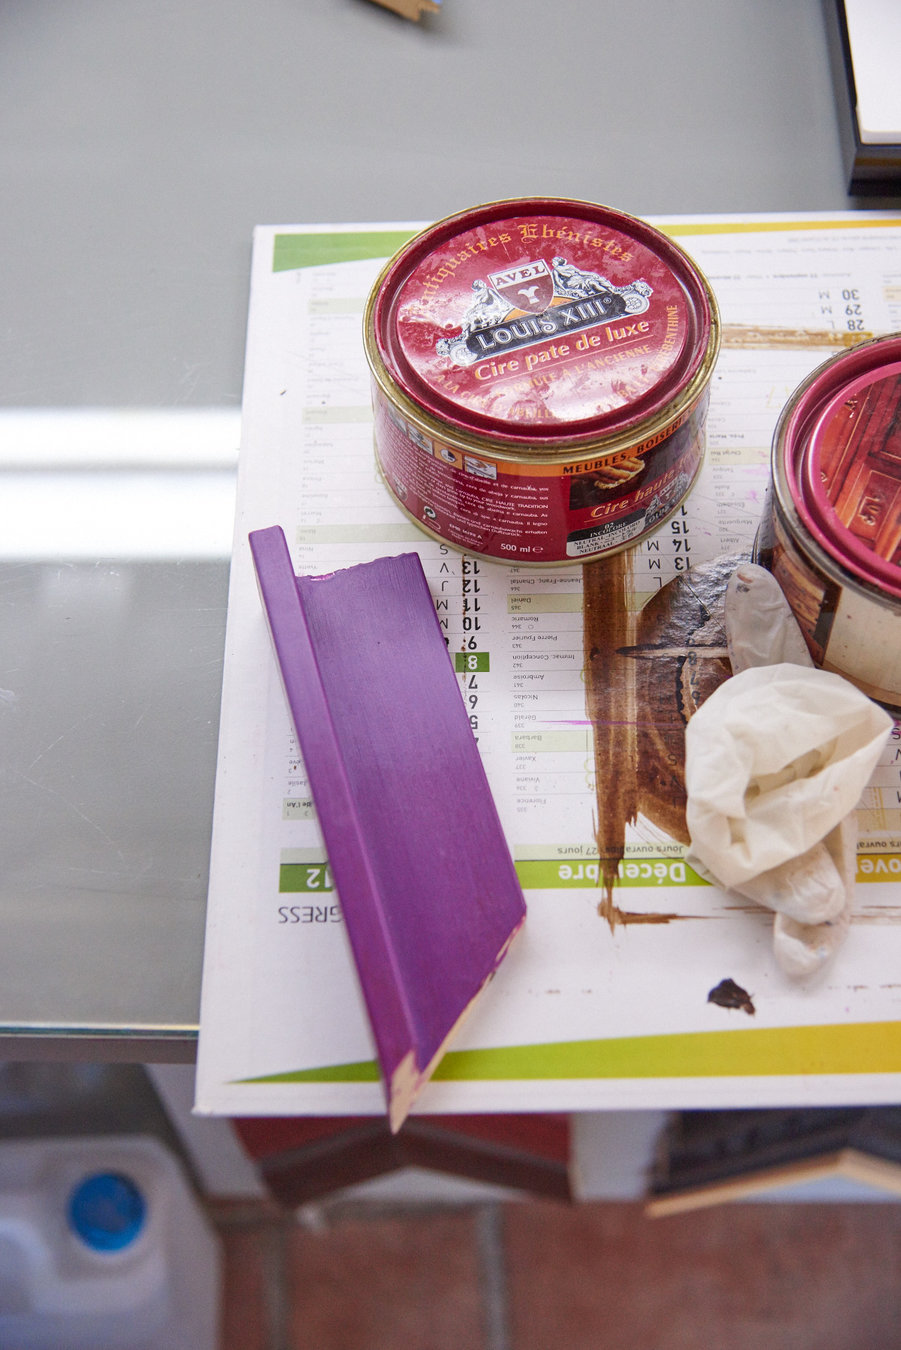 recherche couleur patine sur cadre en caisse américaine par Les Baguettes Magiques, Virginie Breton encadreur à Lyon